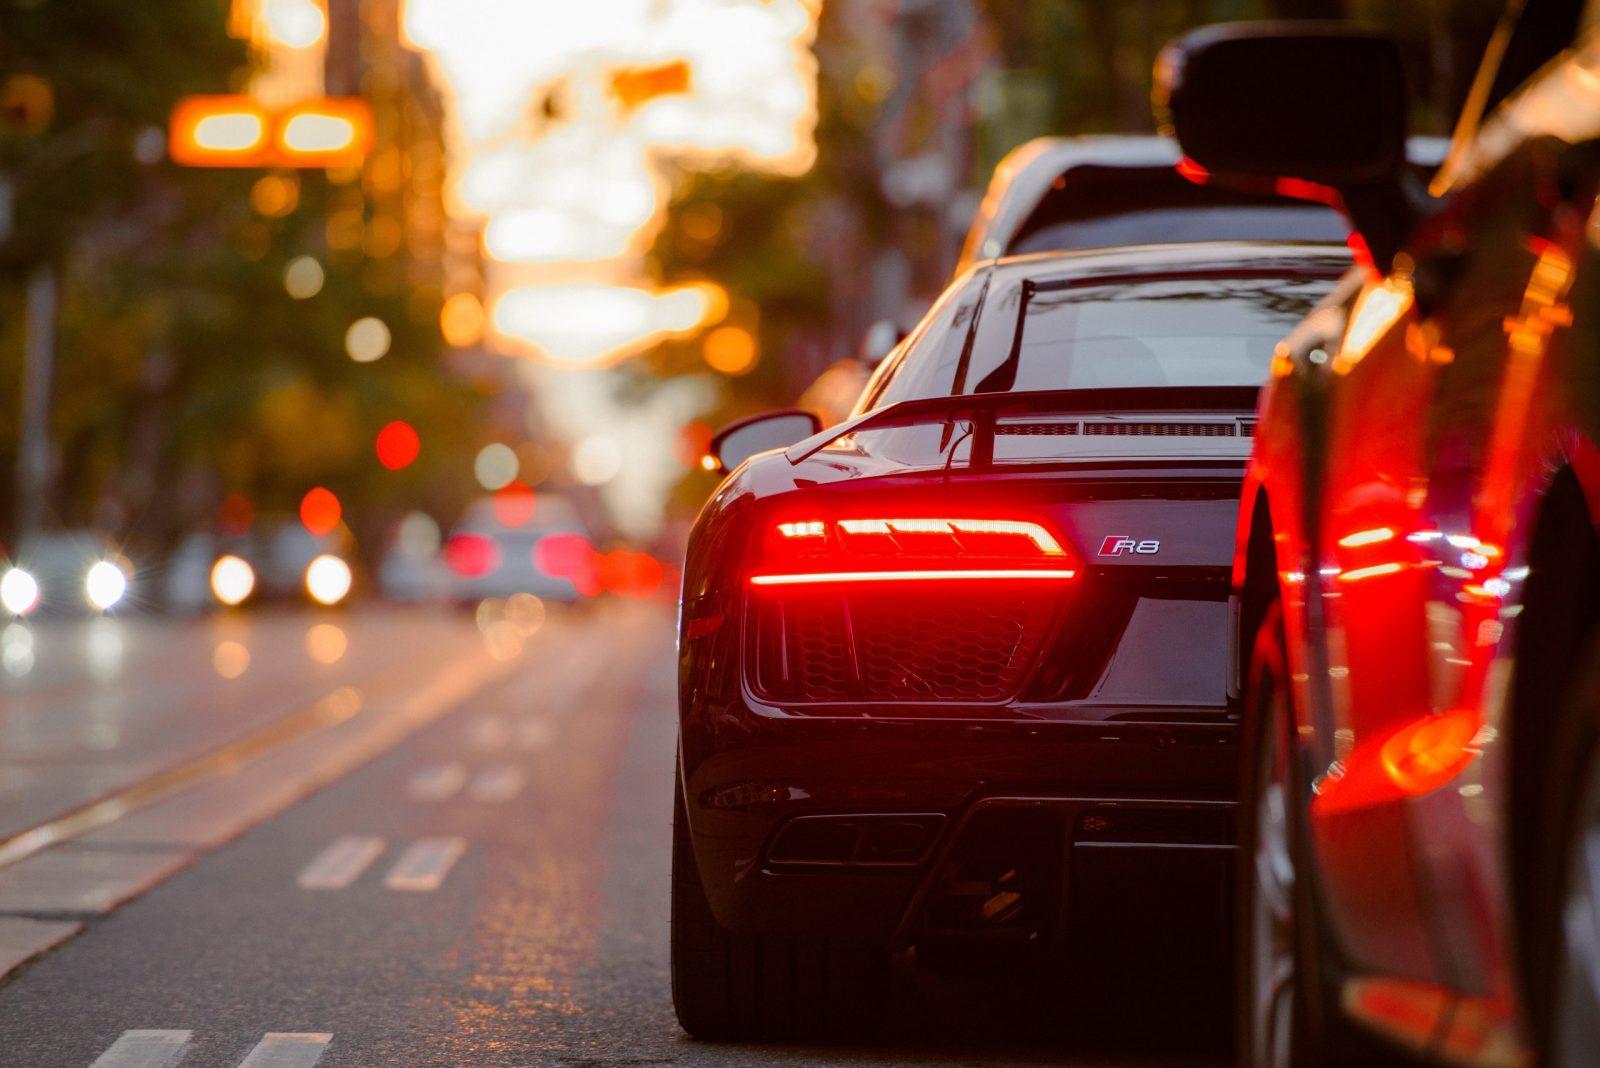 La vente de véhicules d'occasion en ligne se développe et la société Shift tente de concurrencer Carvana et Vroom